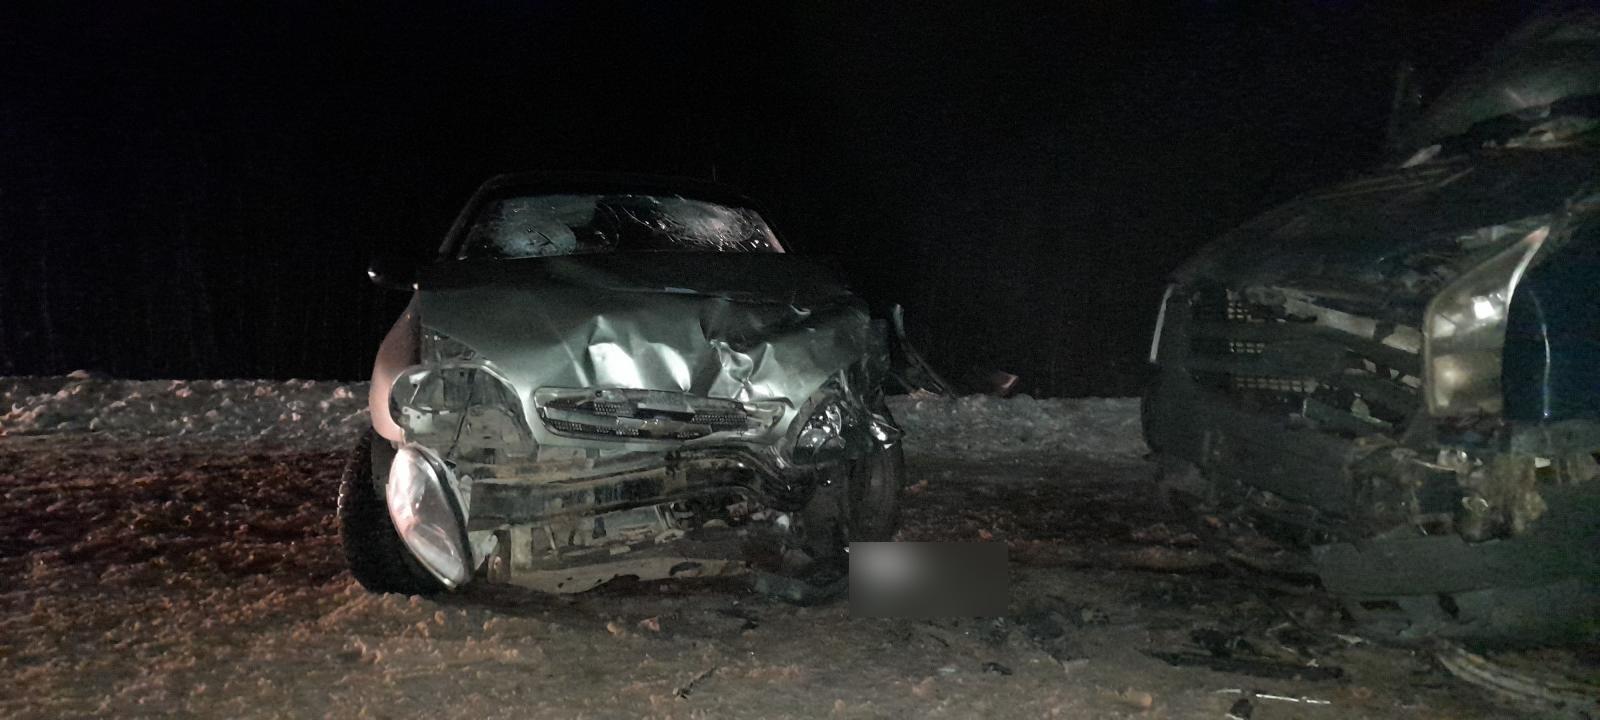 Лобовое столкновение двух авто произошло в районе Тверской области